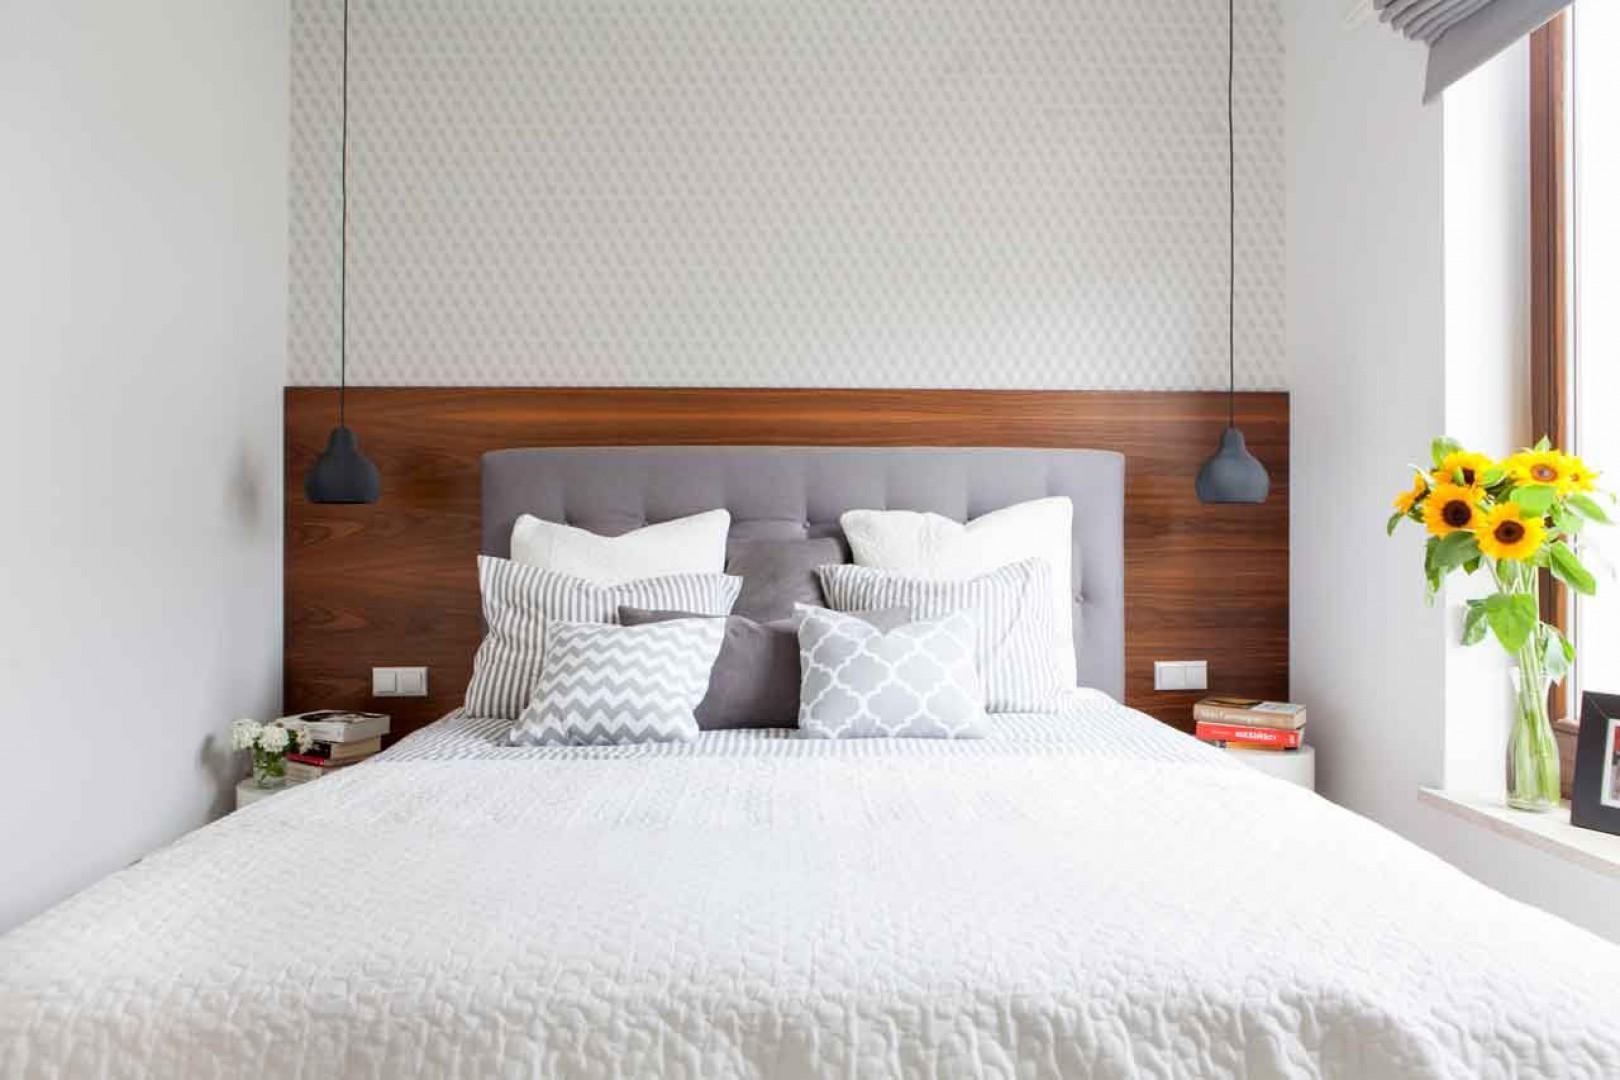 Przytulny nastrój  w tej sypialni tworzy drewno orzecha o ciepłej barwie, którym wyłożono ścianę za łóżkiem, a także miękkie tekstylia - tapicerowany zagłówek łóżka i leżące na nim poduszki. Fot. MGN